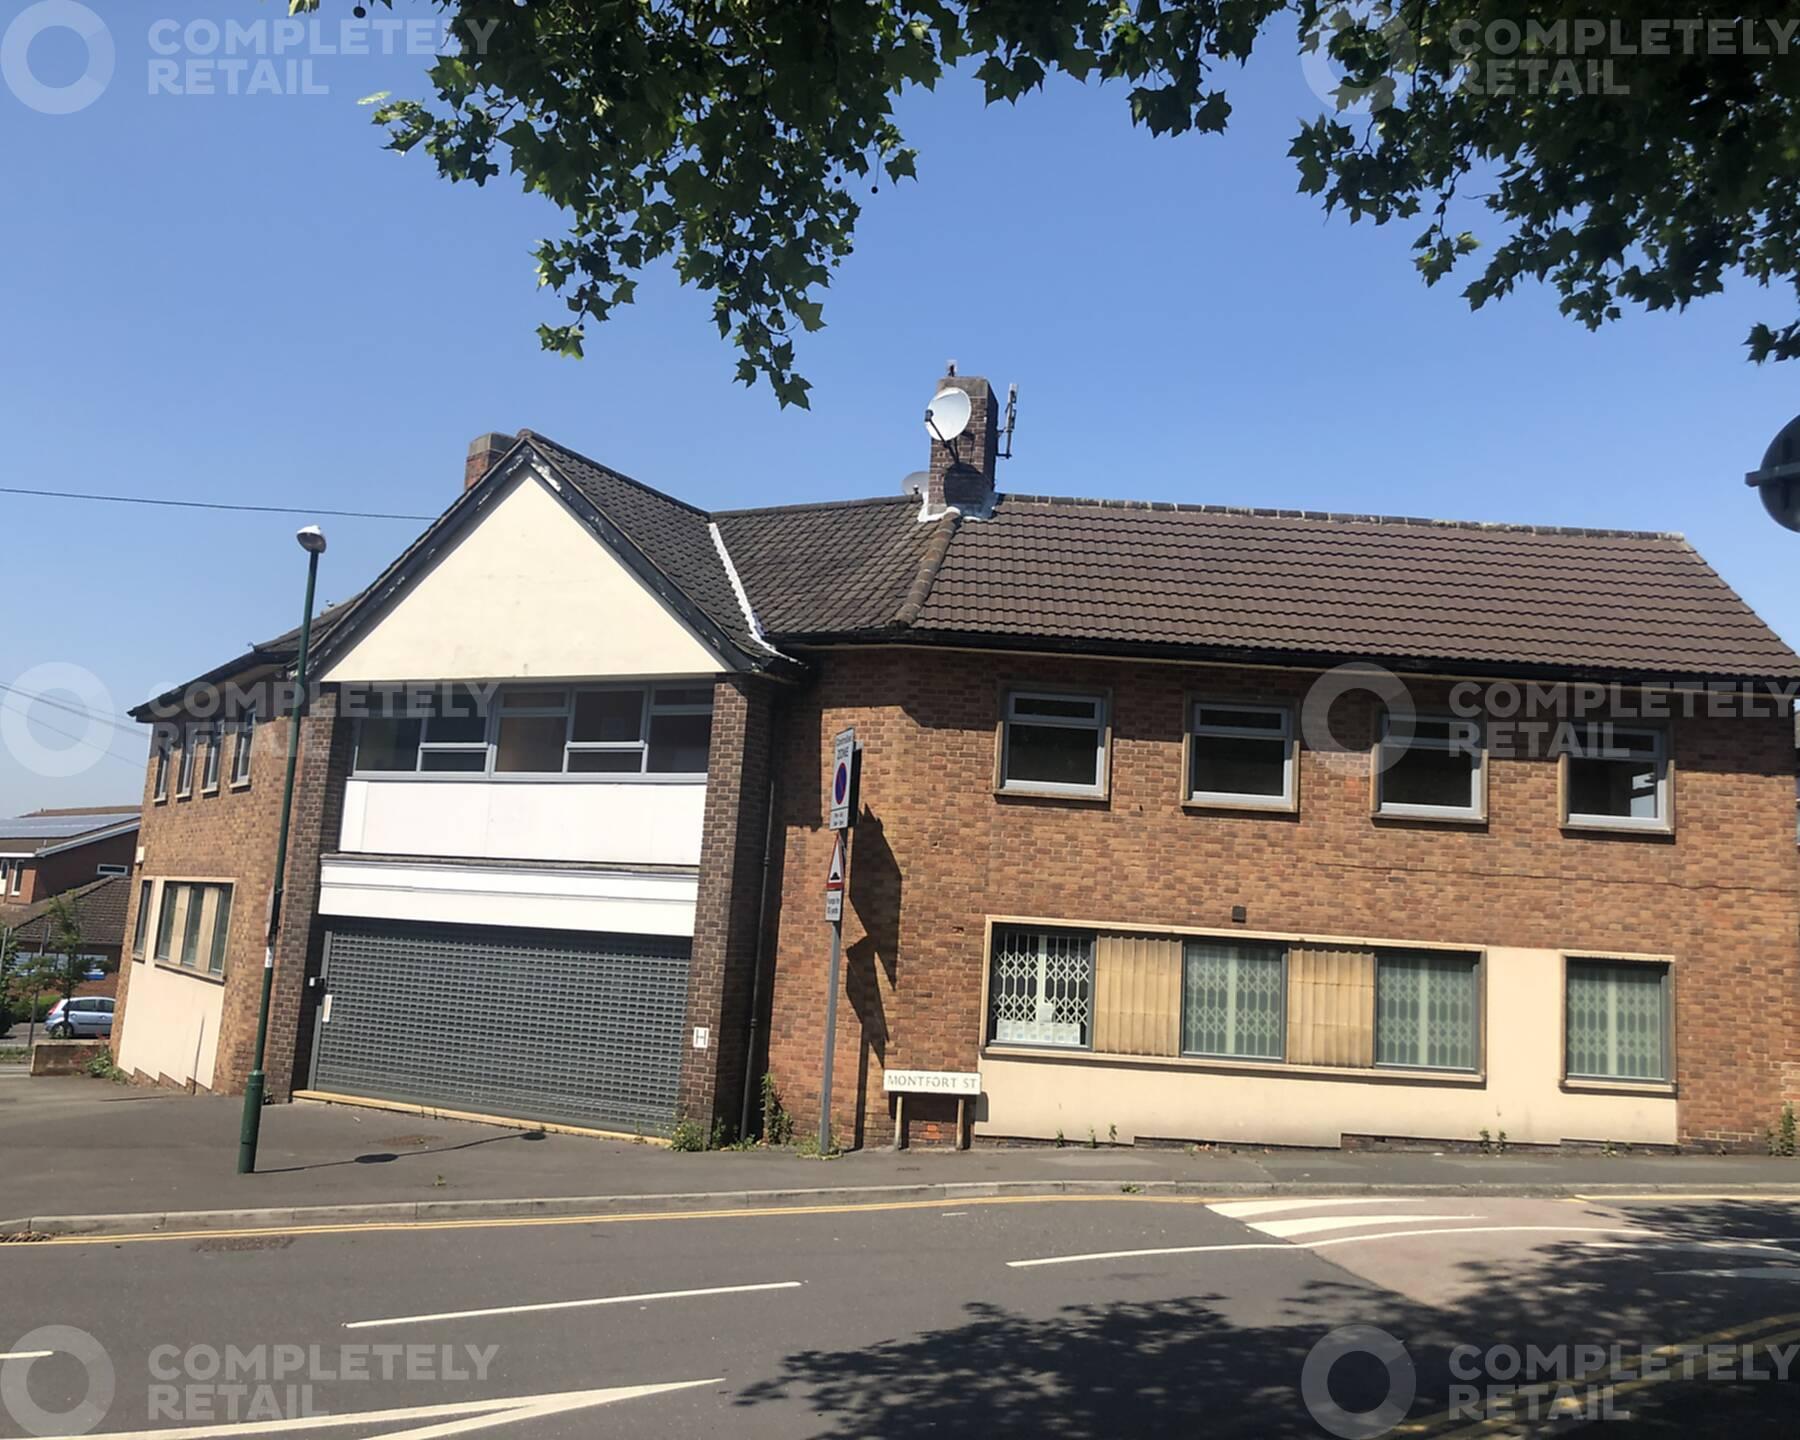 72 Ilkeston Road, Nottingham